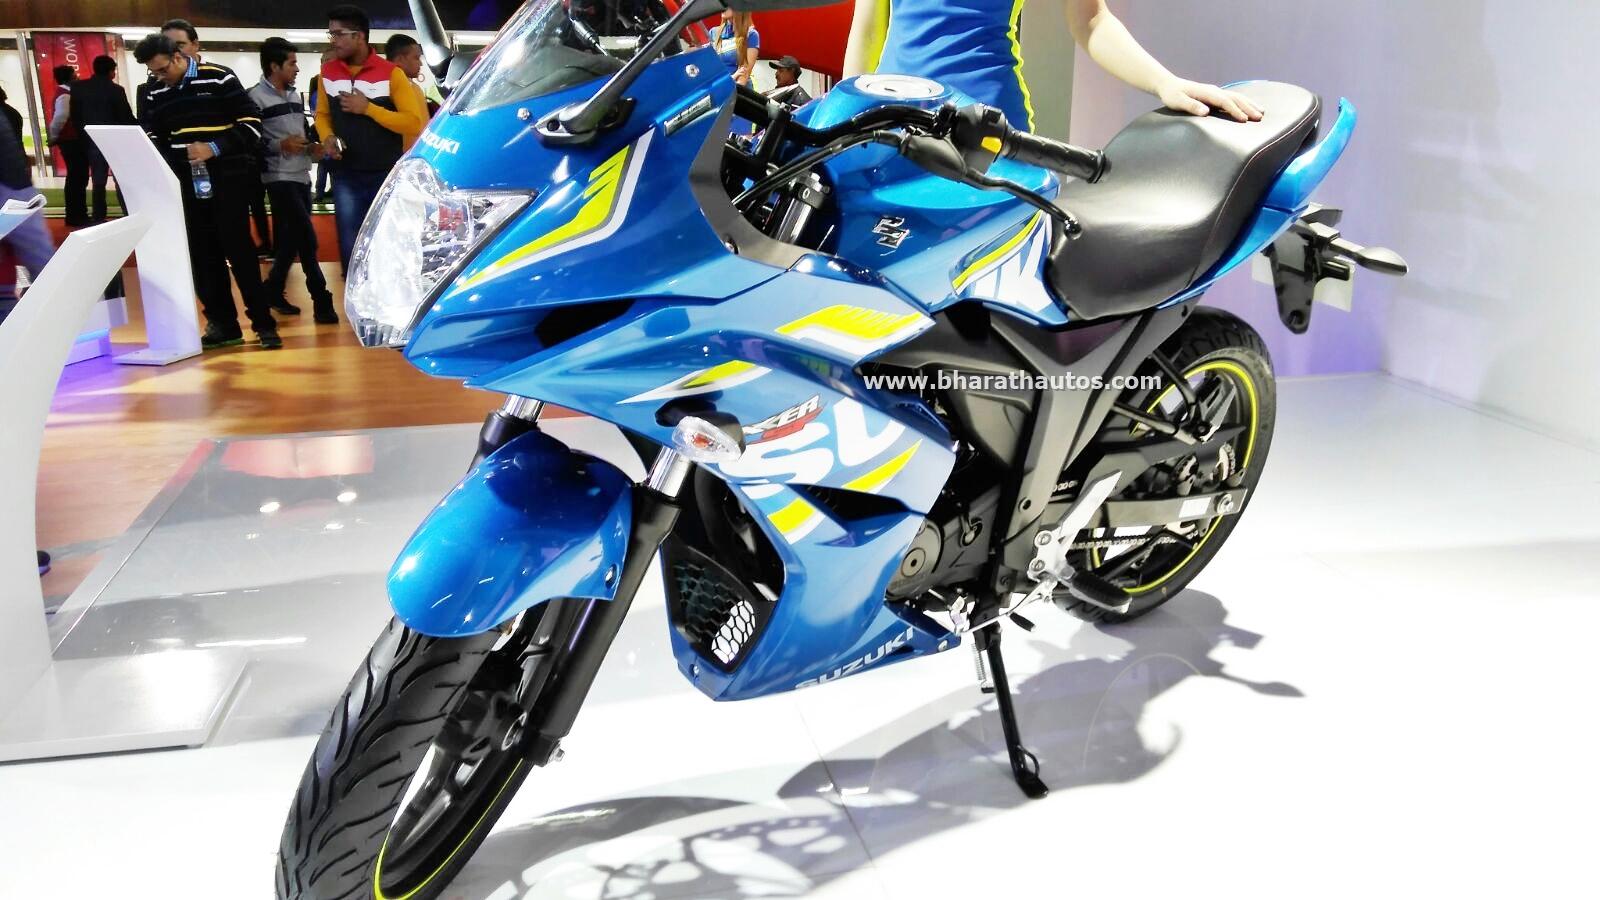 Suzuki quadsport z400 reviews prices and specs autos weblog suzuki - Suzuki Gixxer Sf Fi 2016 Auto Expo India